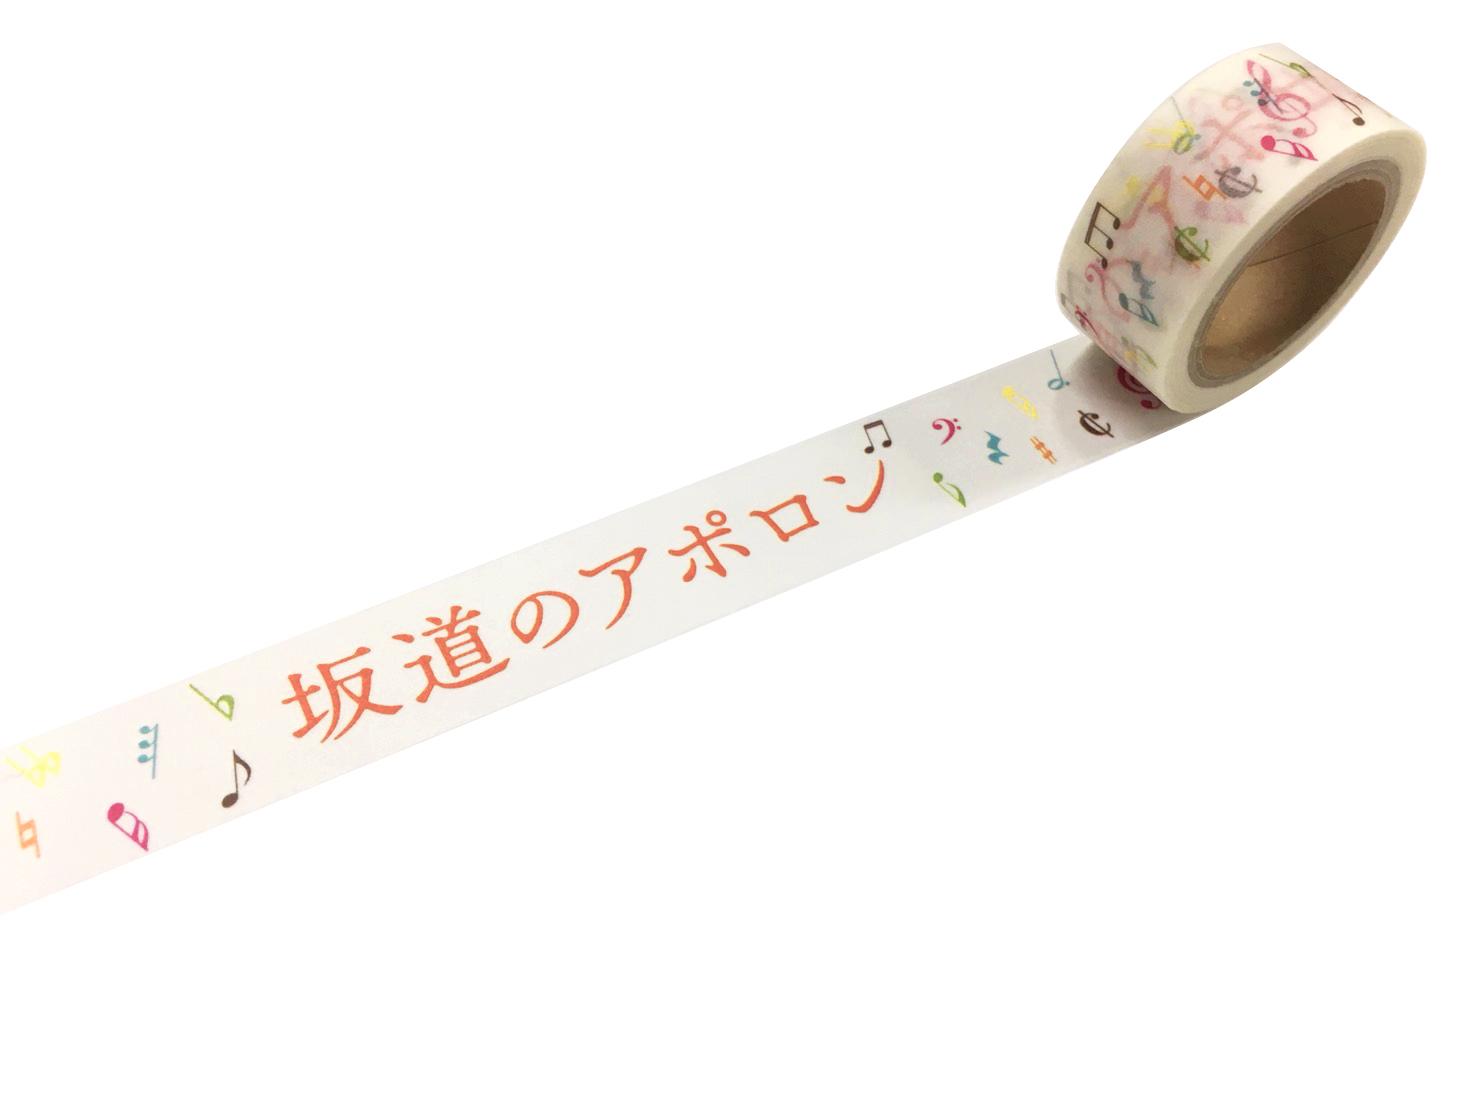 『坂道のアポロン』マスキングテーププレゼント